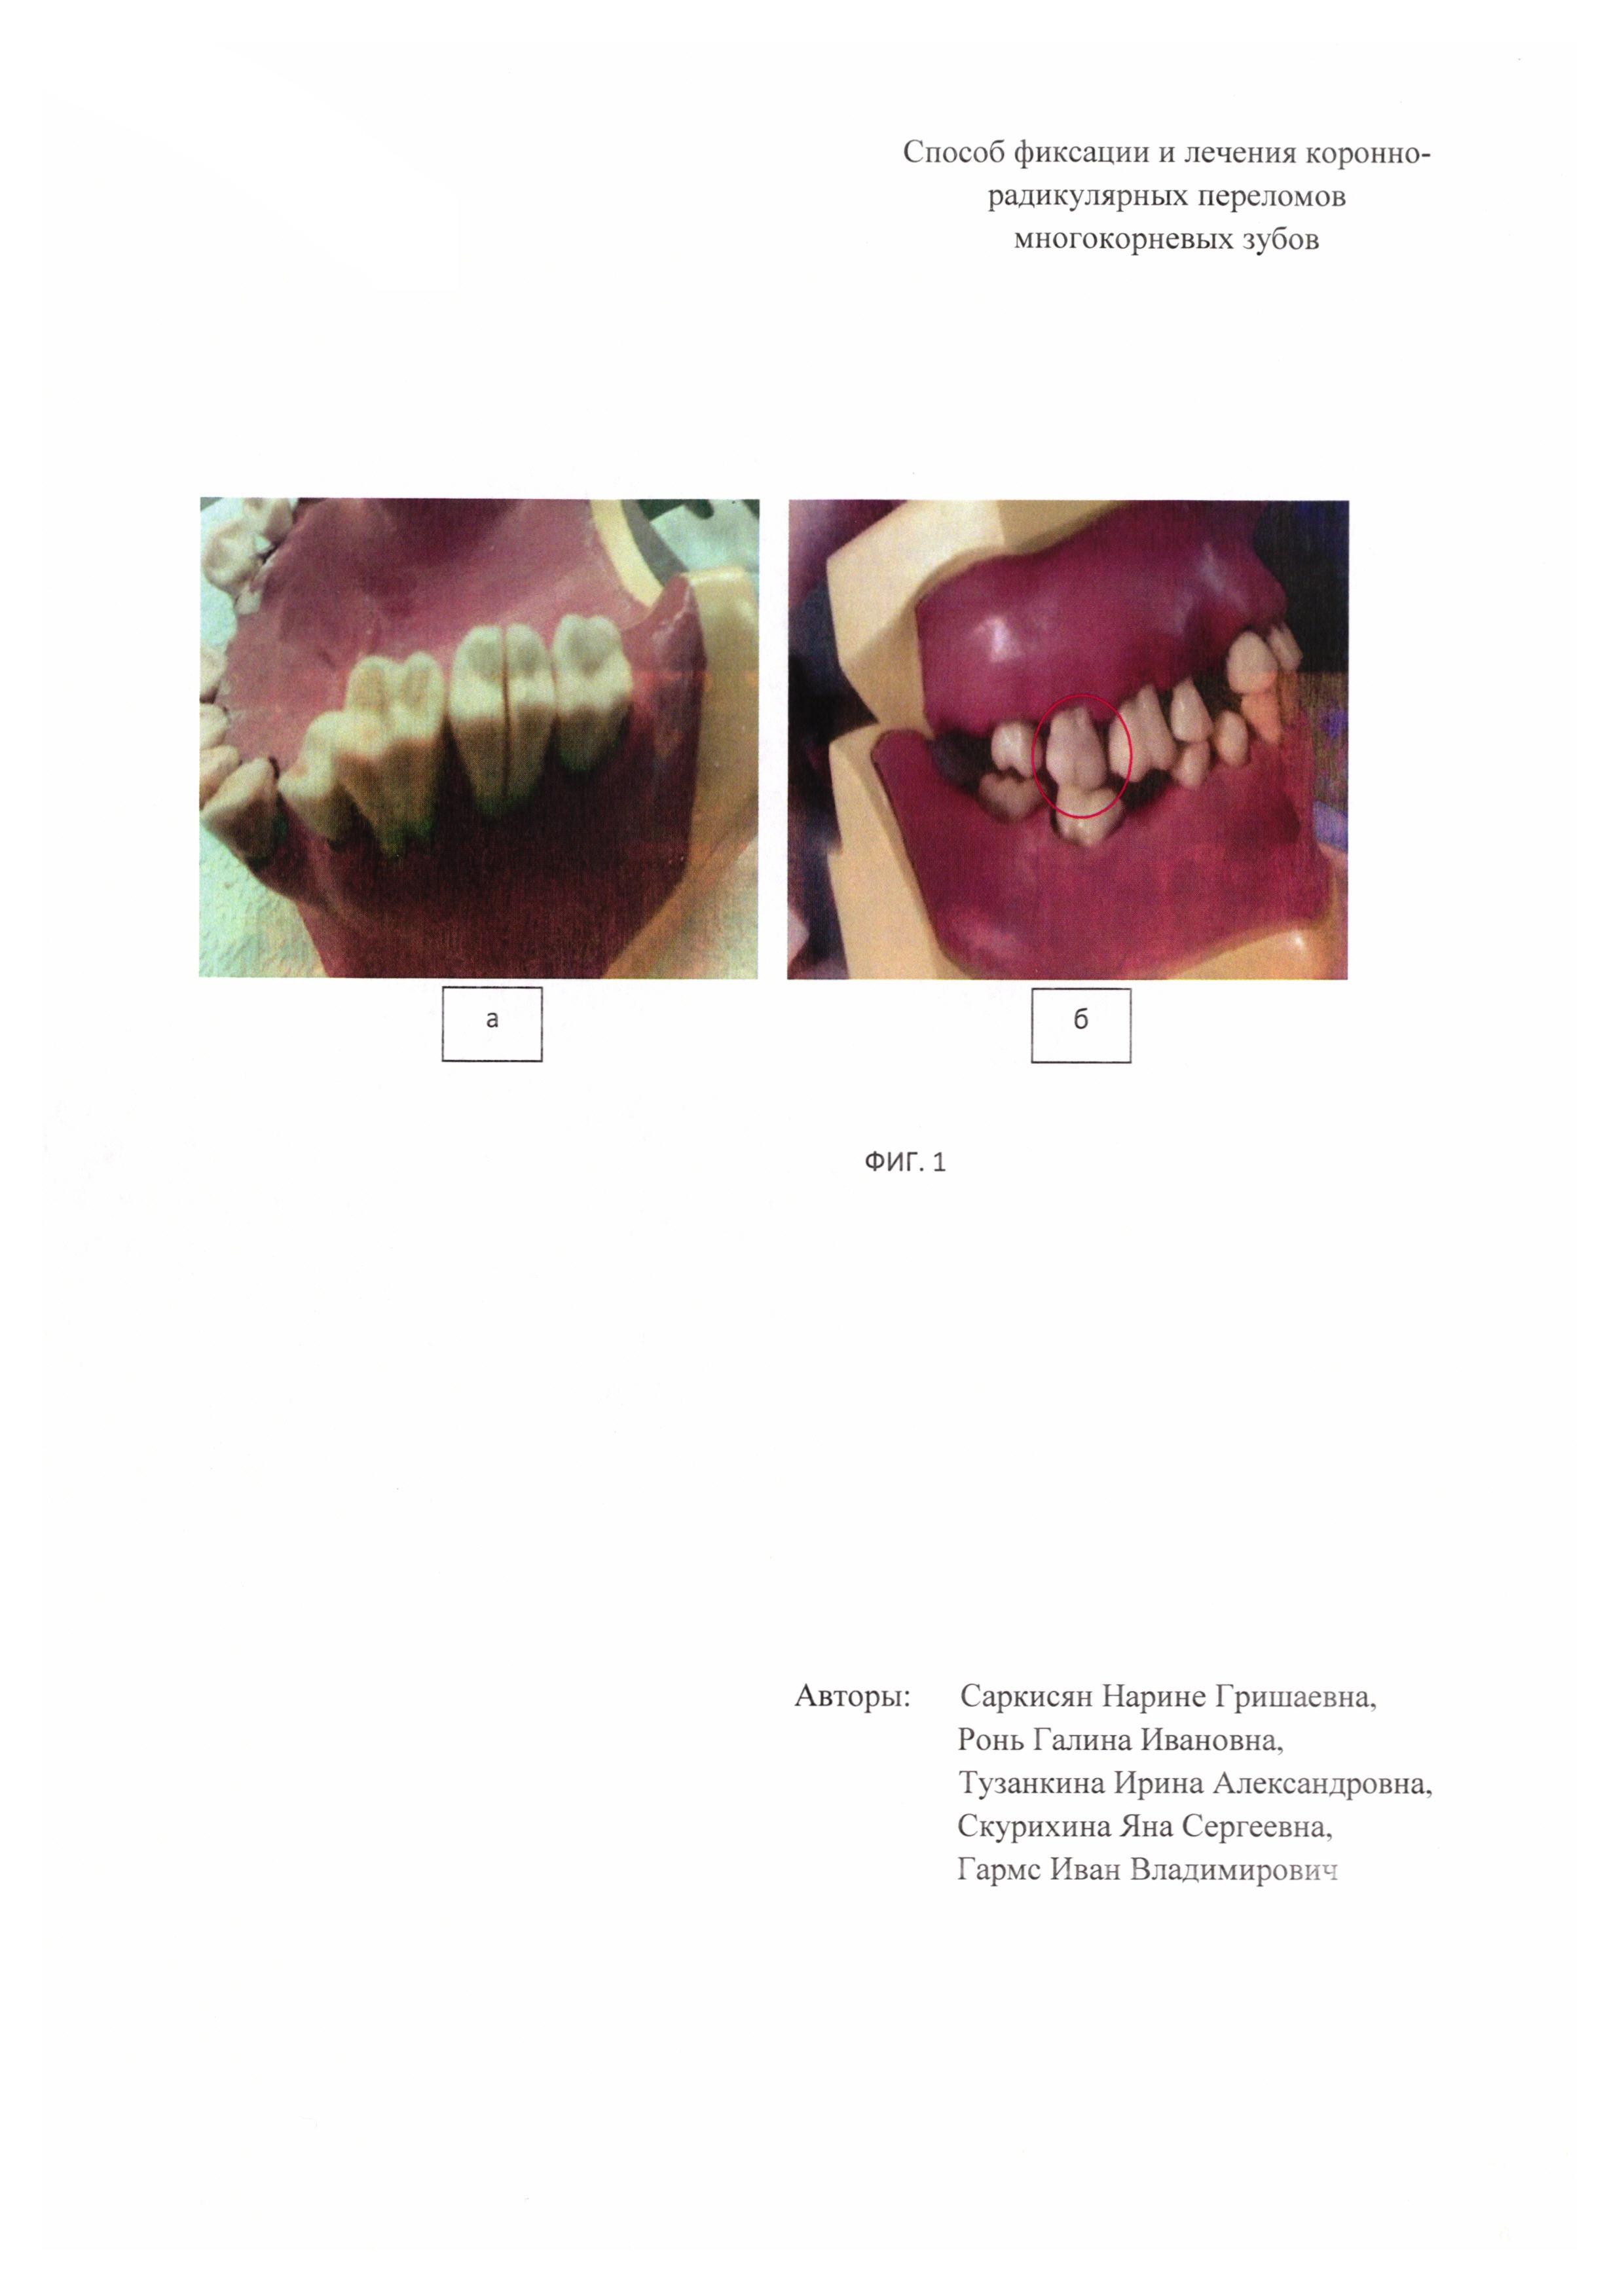 Стеклоиономерные цементы в стоматологии реферат 6961